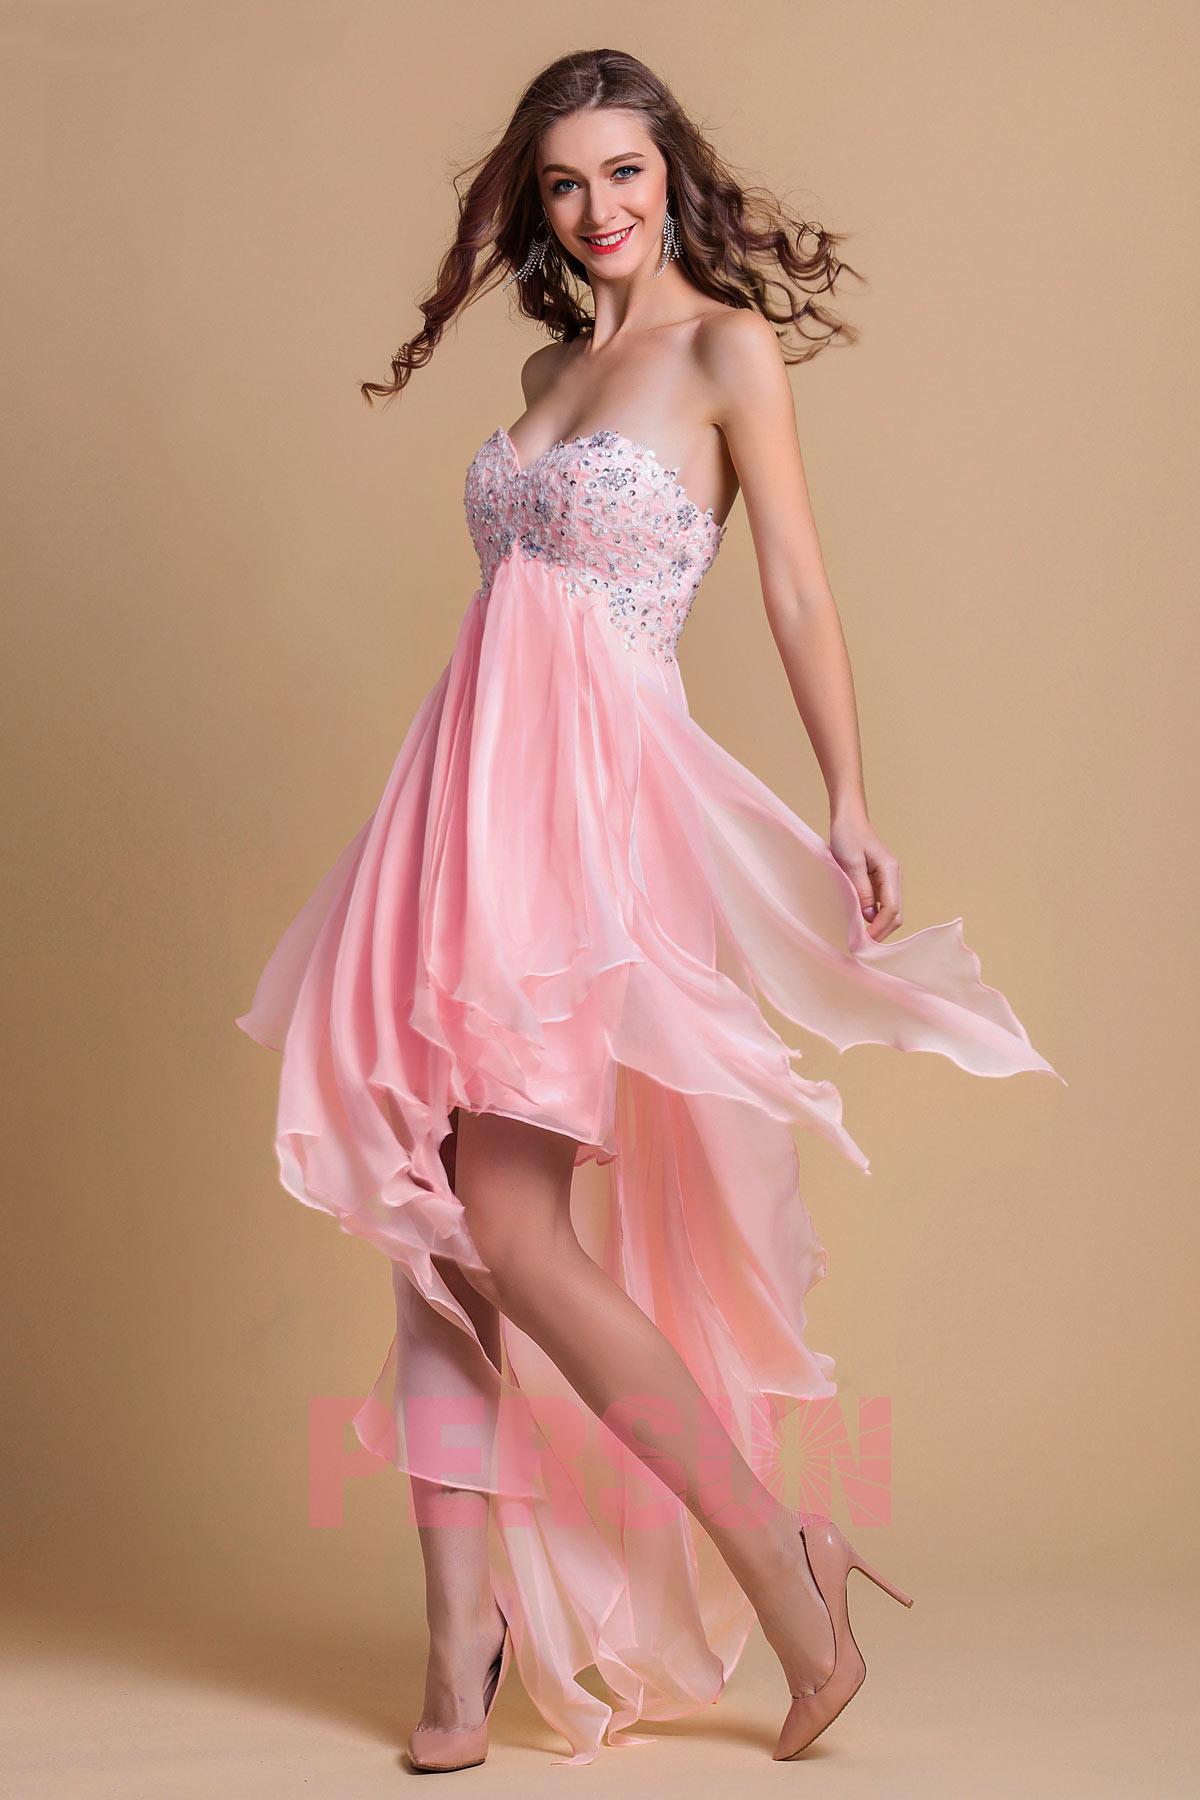 robe bascule cocktail rose courte devant longue derrière jupe fantaisie